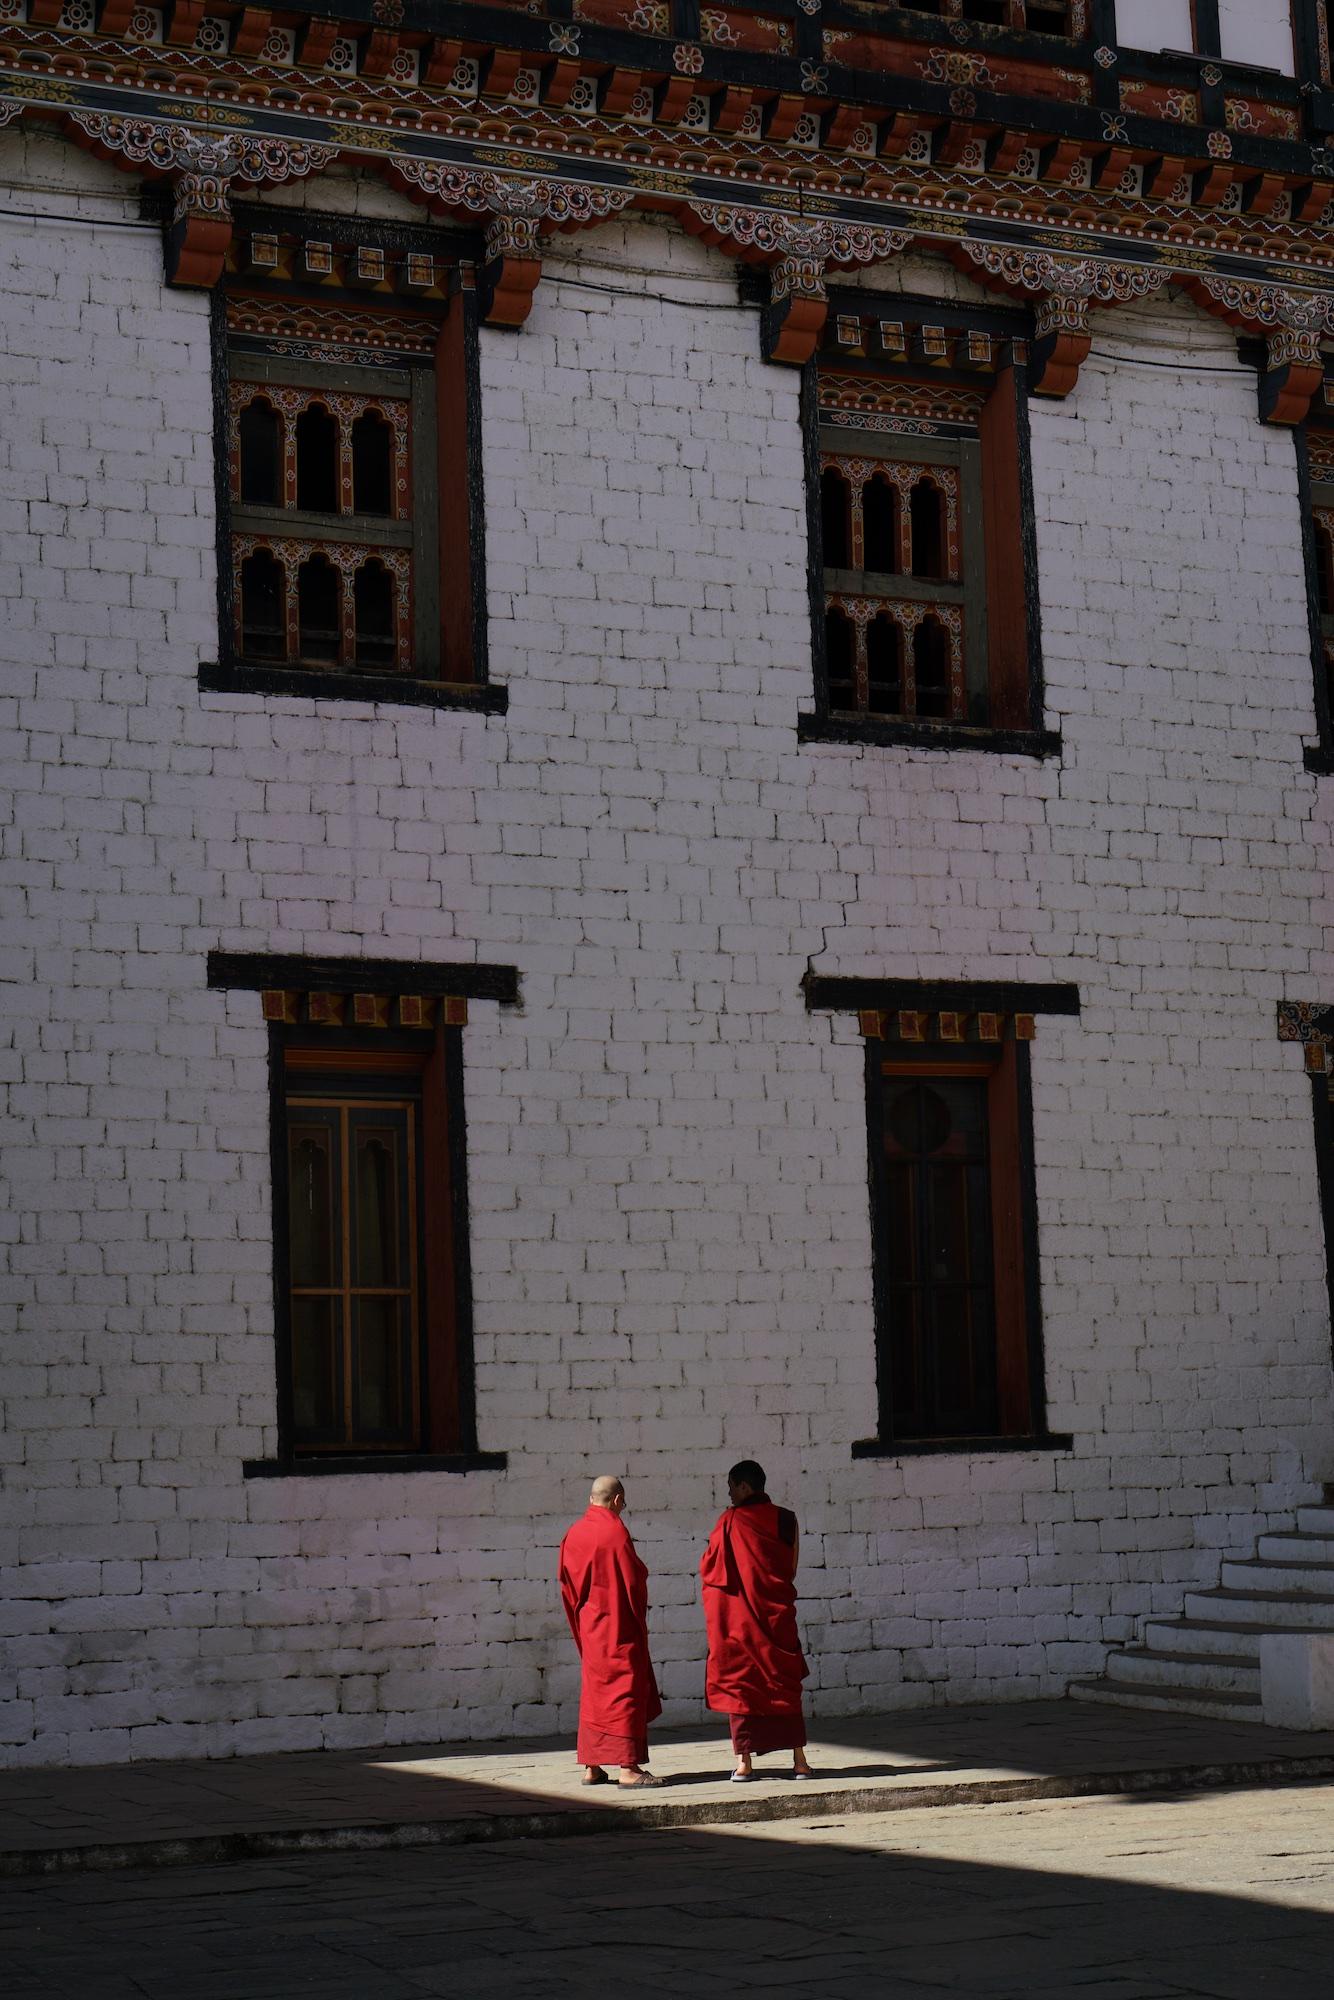 Bhutan-11-17-16a- DSC04375.jpg